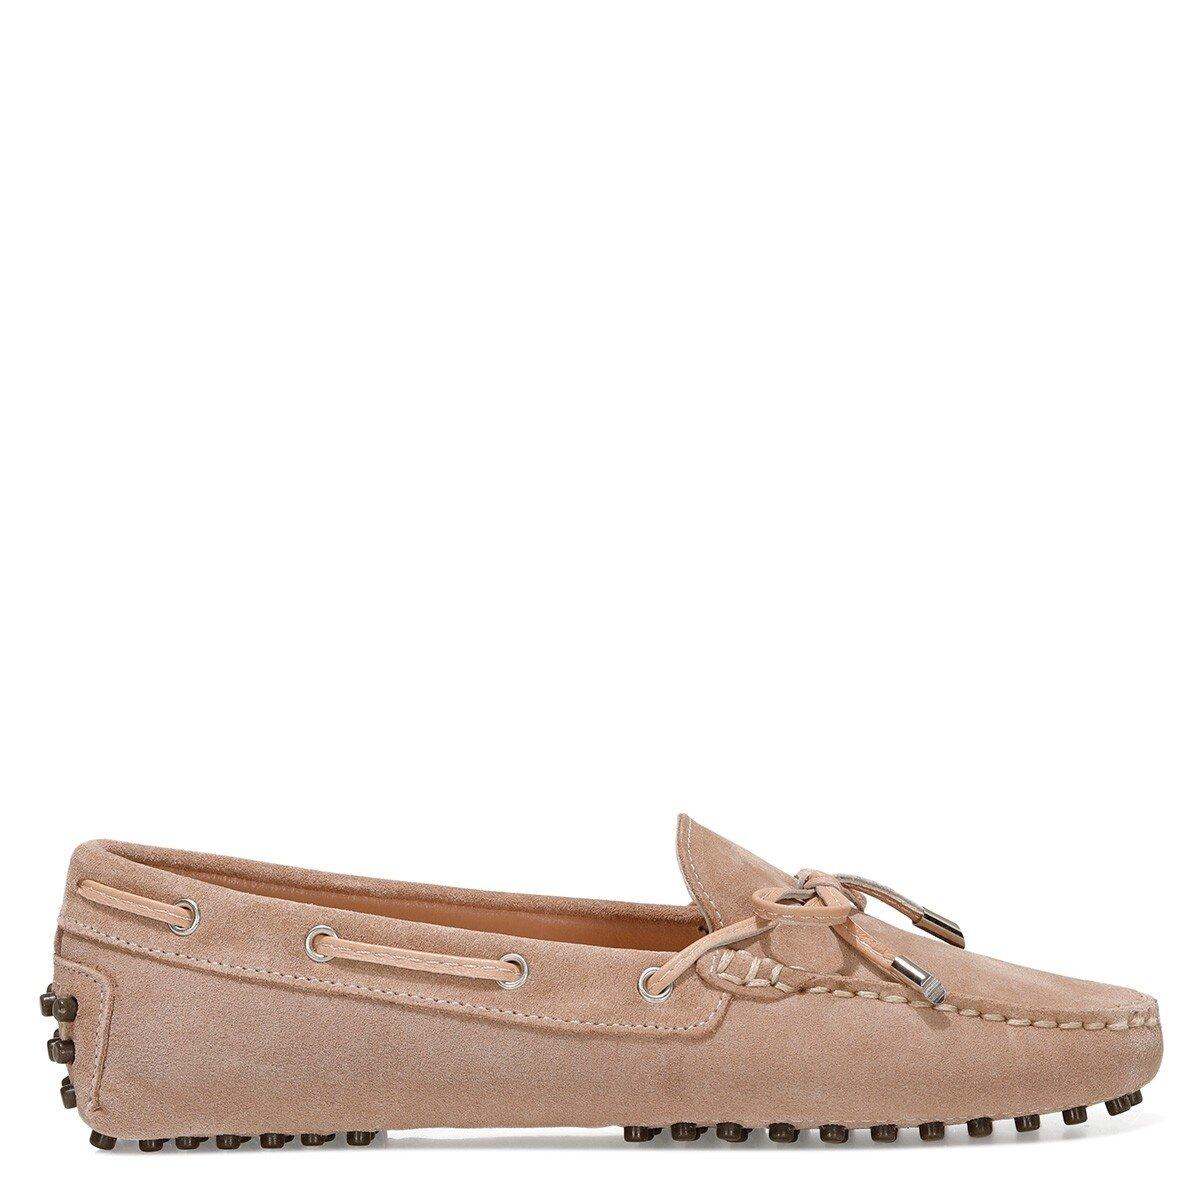 NEWHOLT2 1FX Camel Kadın Loafer Ayakkabı